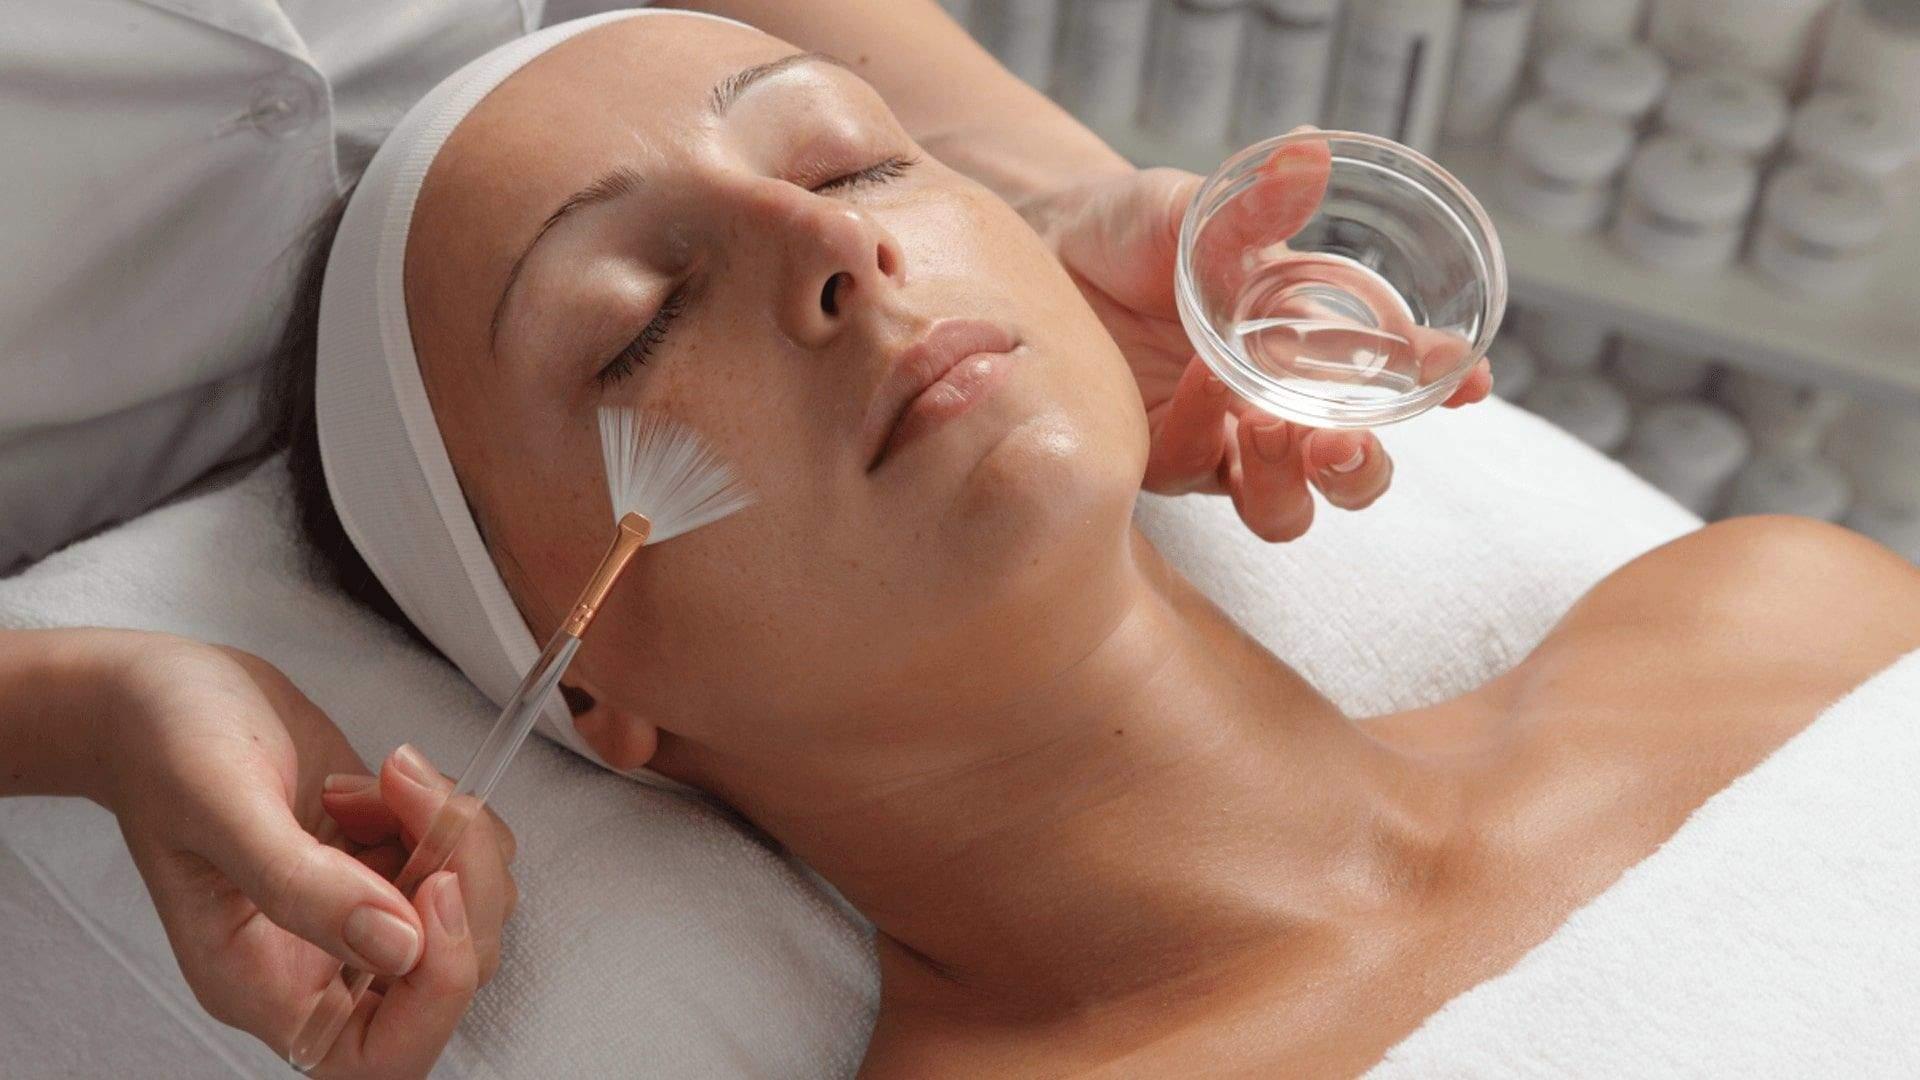 Полезна ли чистка лица у косметолога и чем: польза и вред